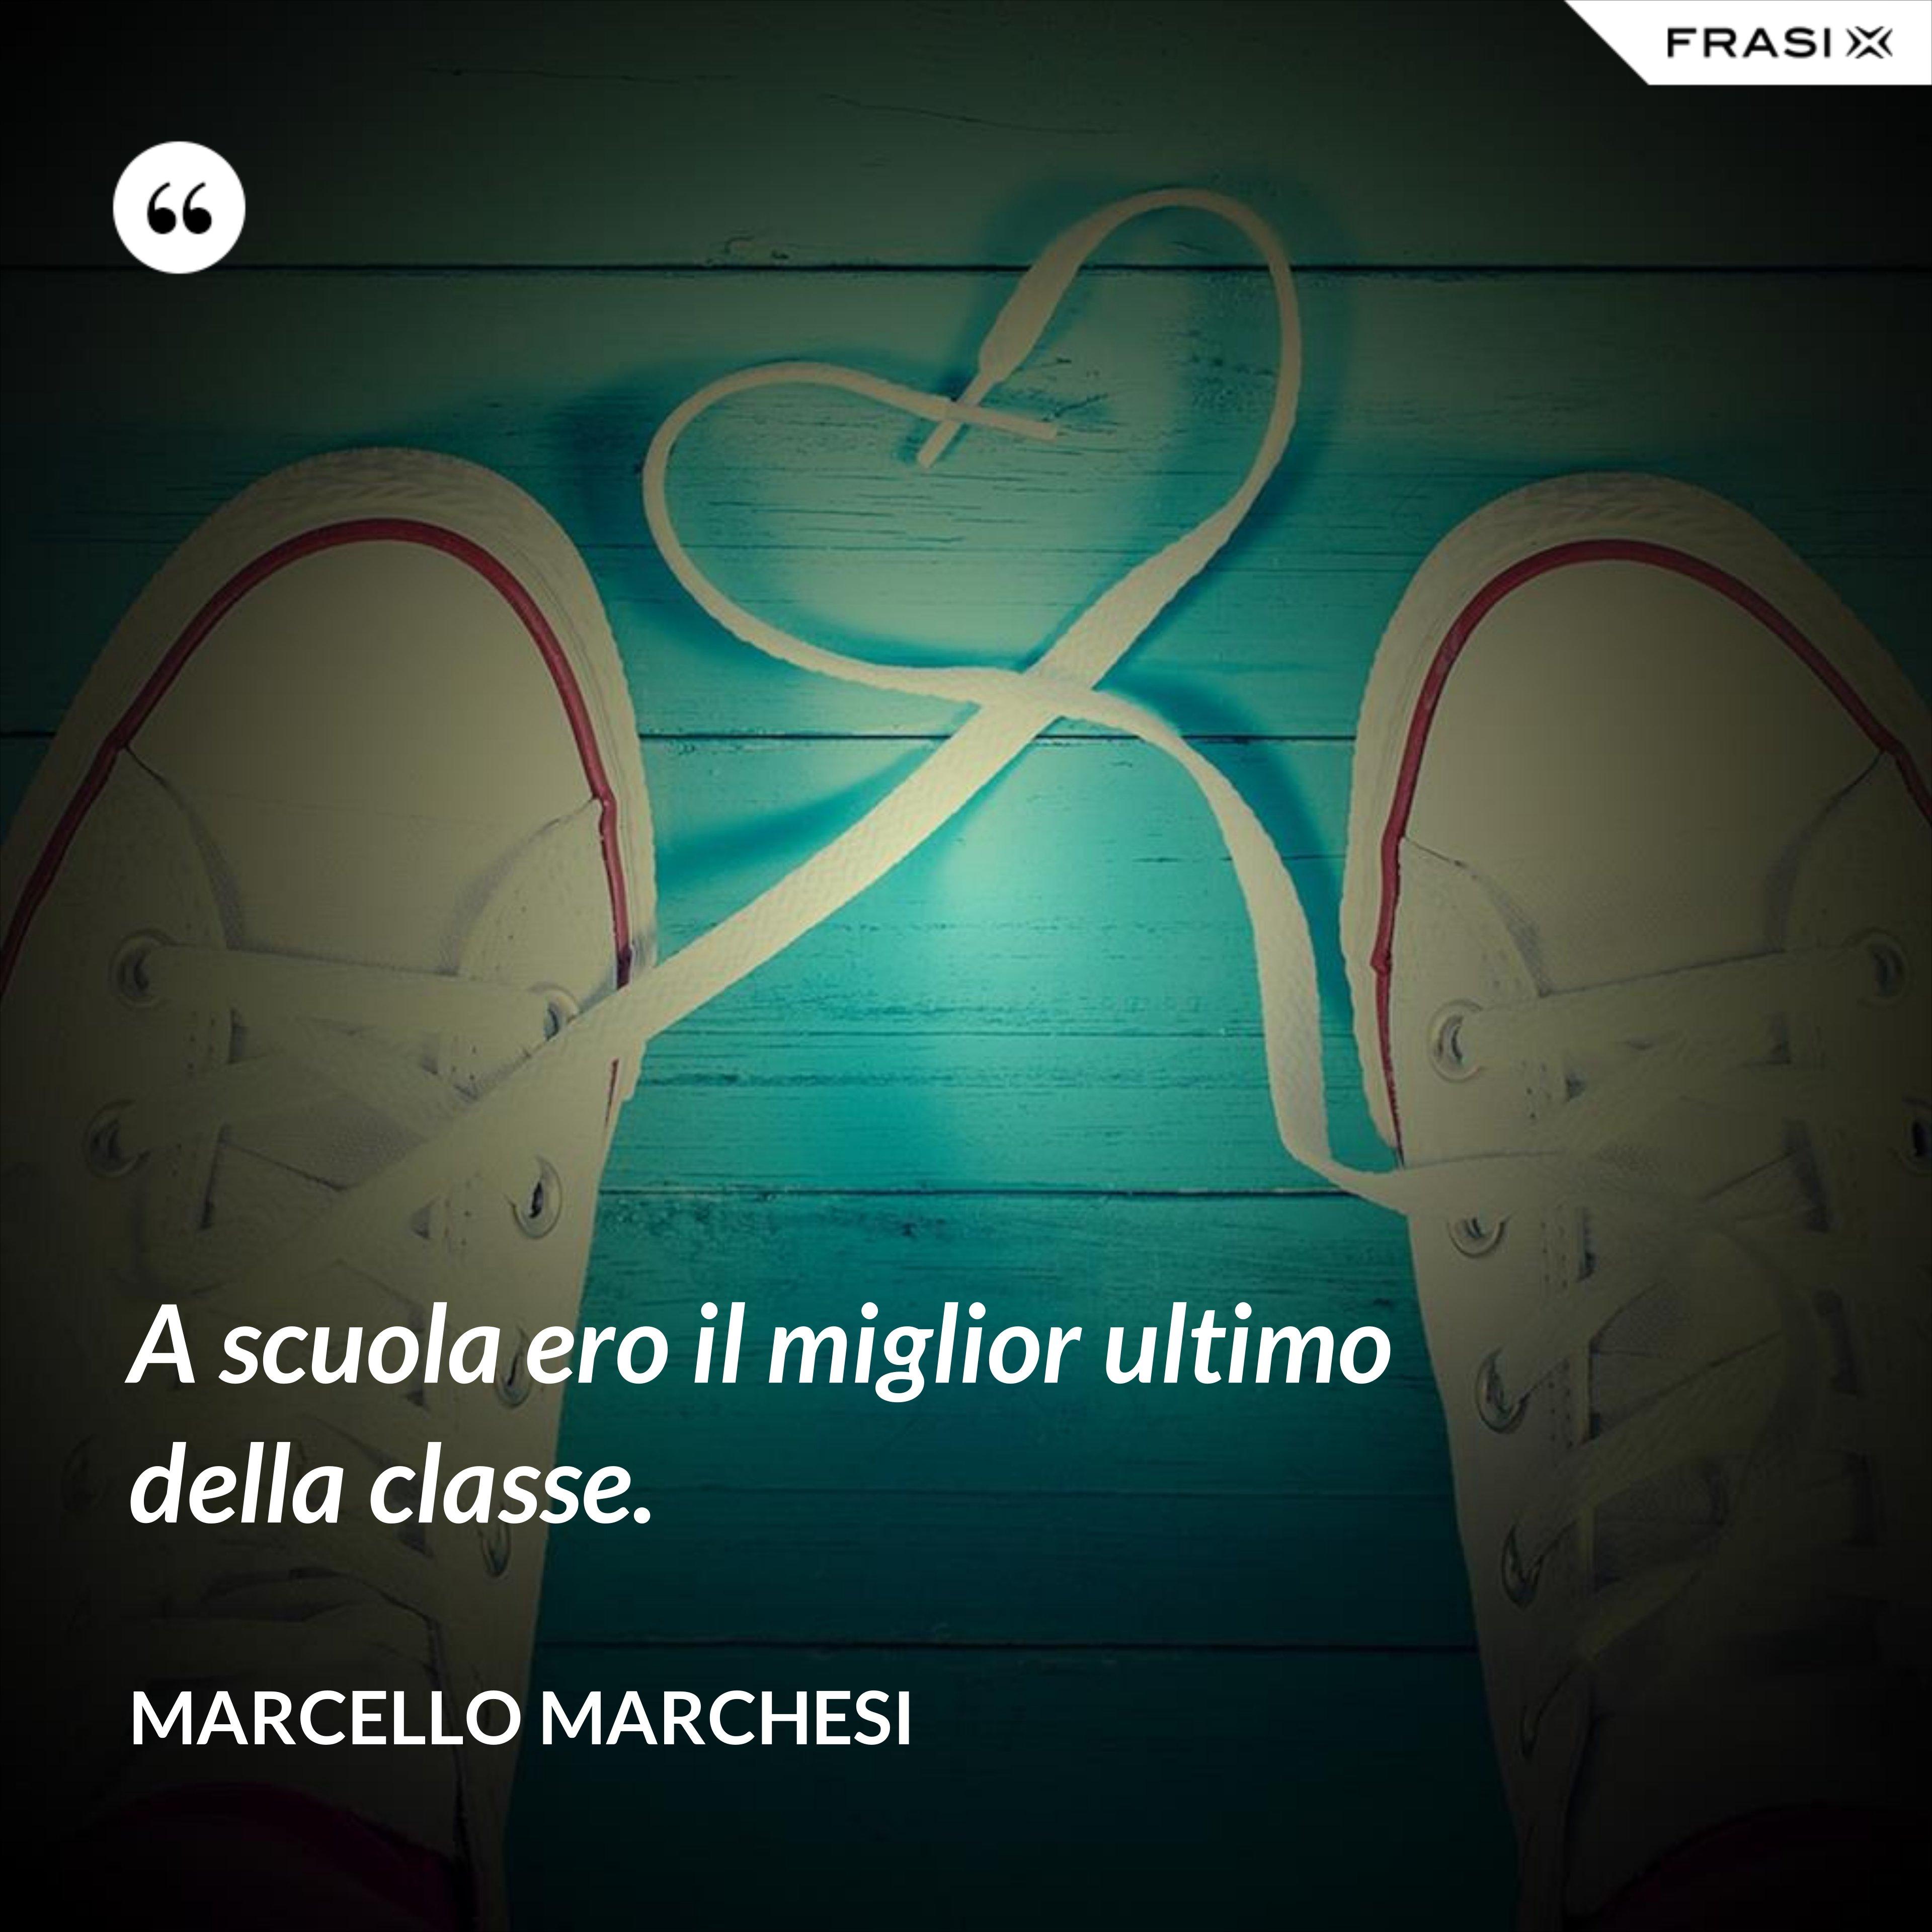 A scuola ero il miglior ultimo della classe. - Marcello Marchesi